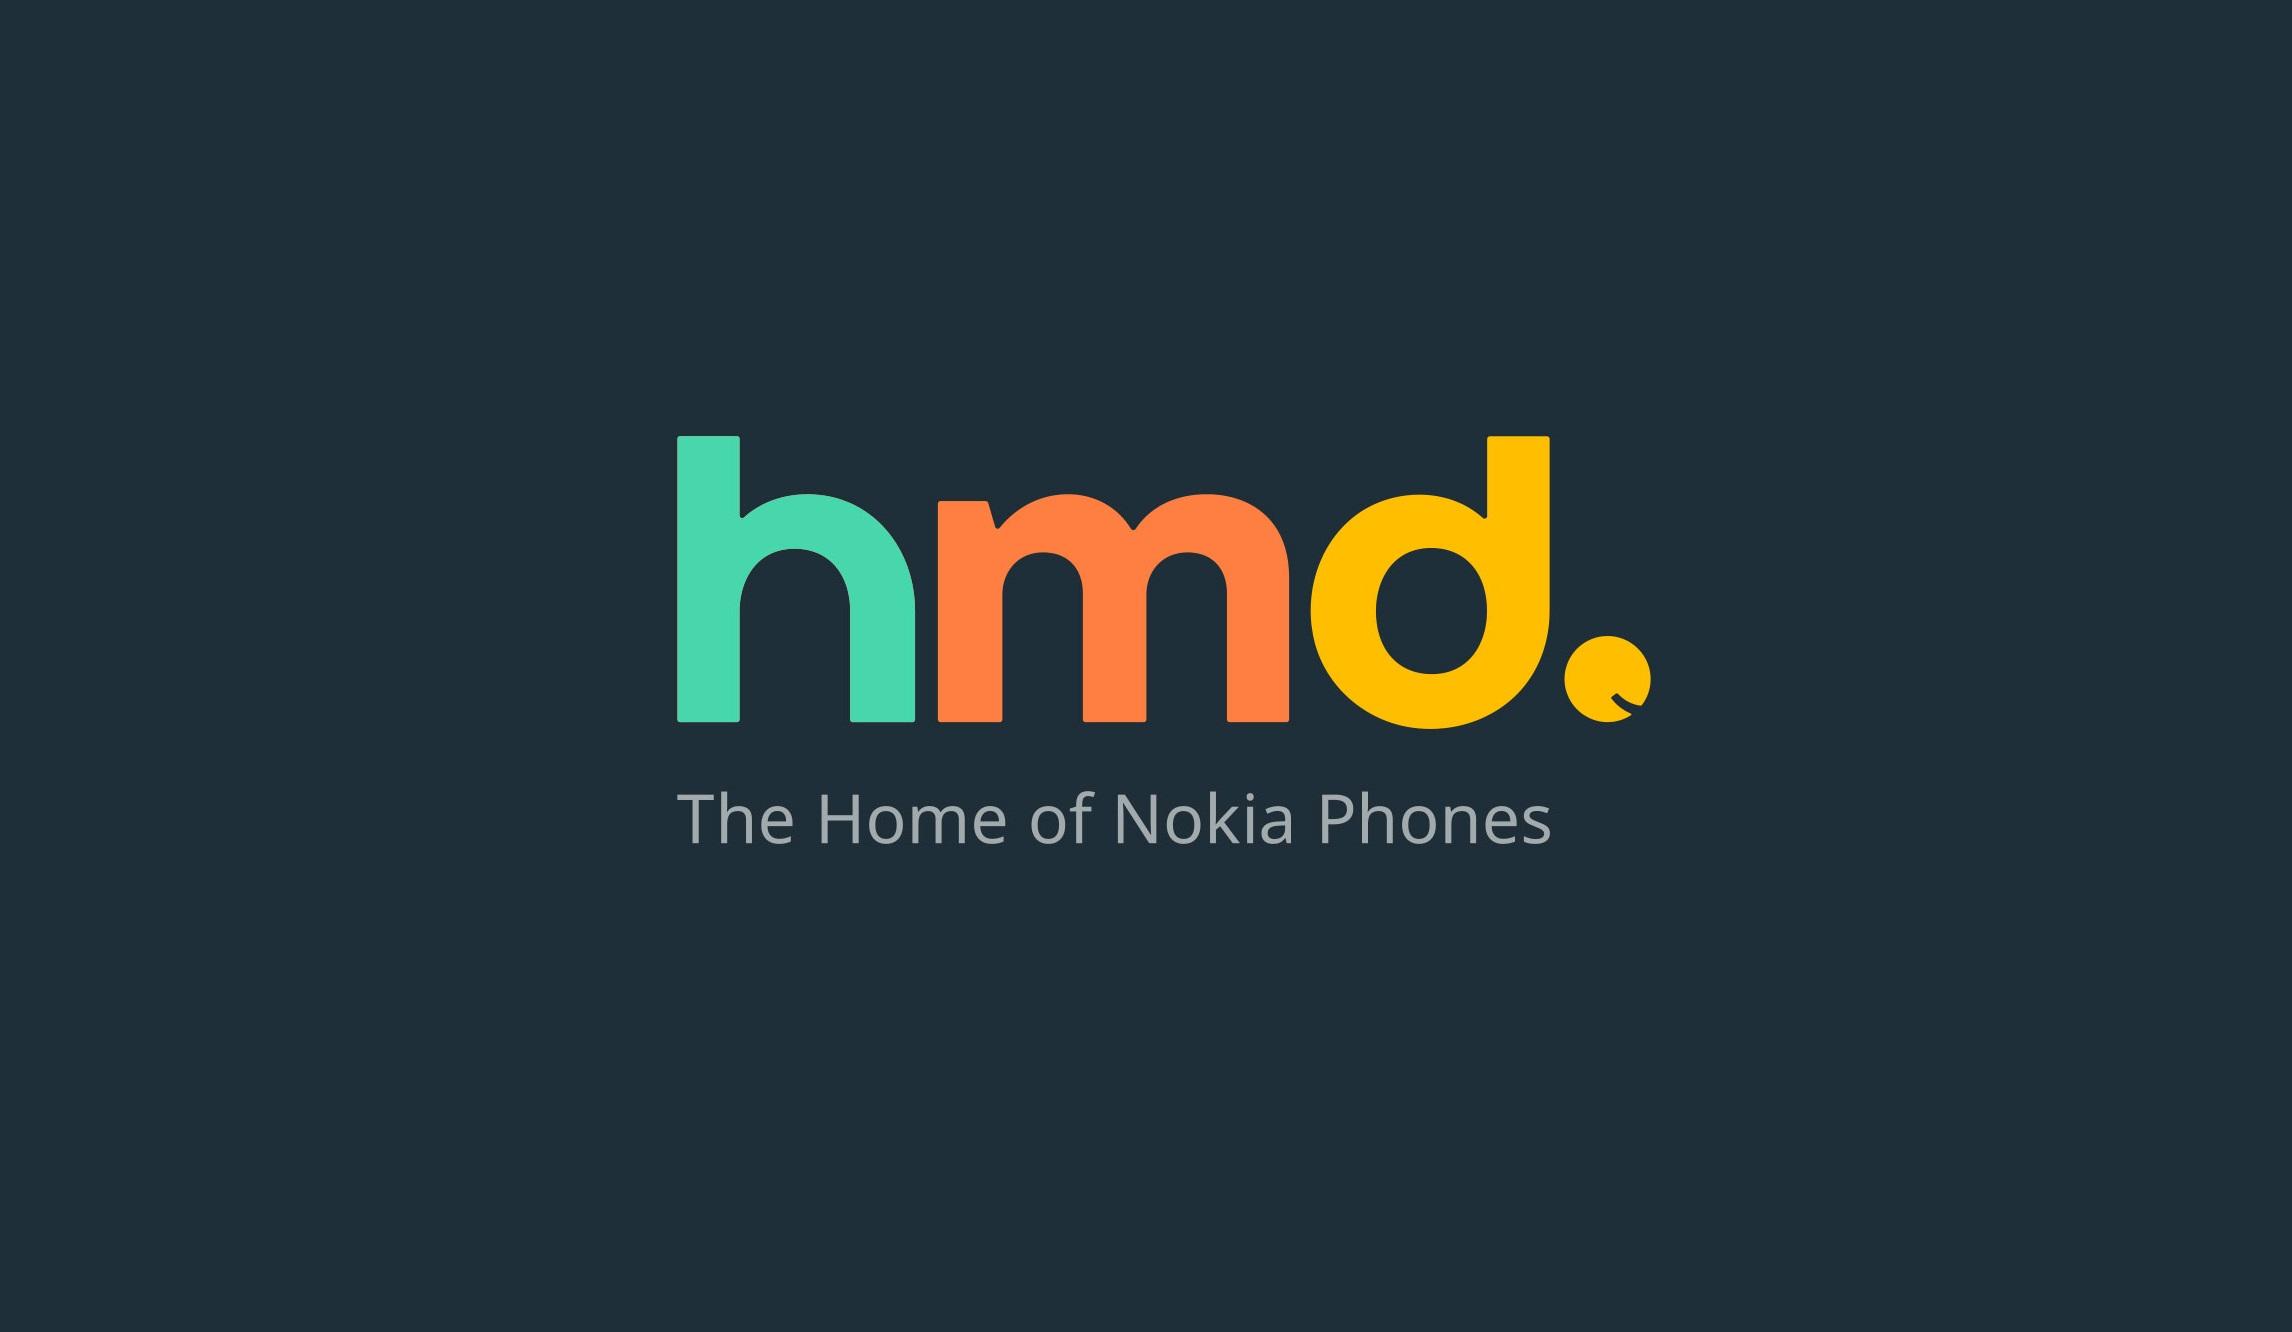 نوکیا در نظر دارد تا پایان سال جاری فروش گوشیهای خود را به 10 میلیون نسخه برساند